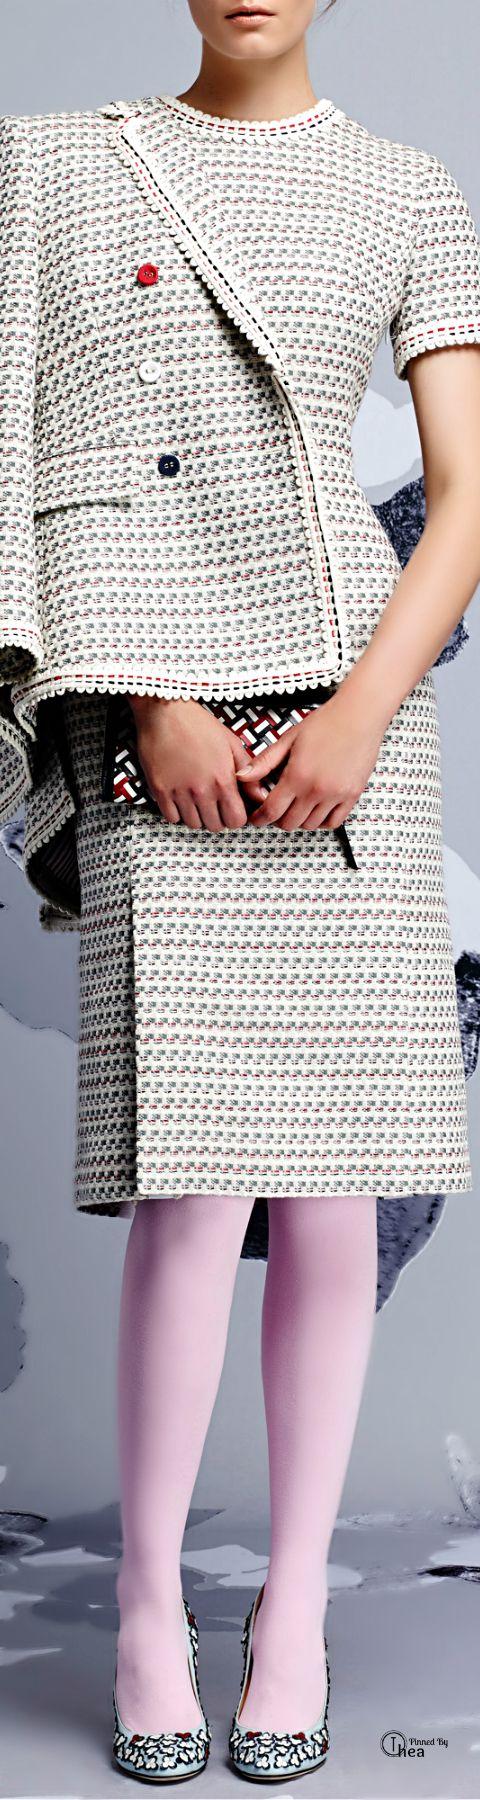 Thom Browne ● Resort 2015, Grey Graphic Weave Tweed Dress